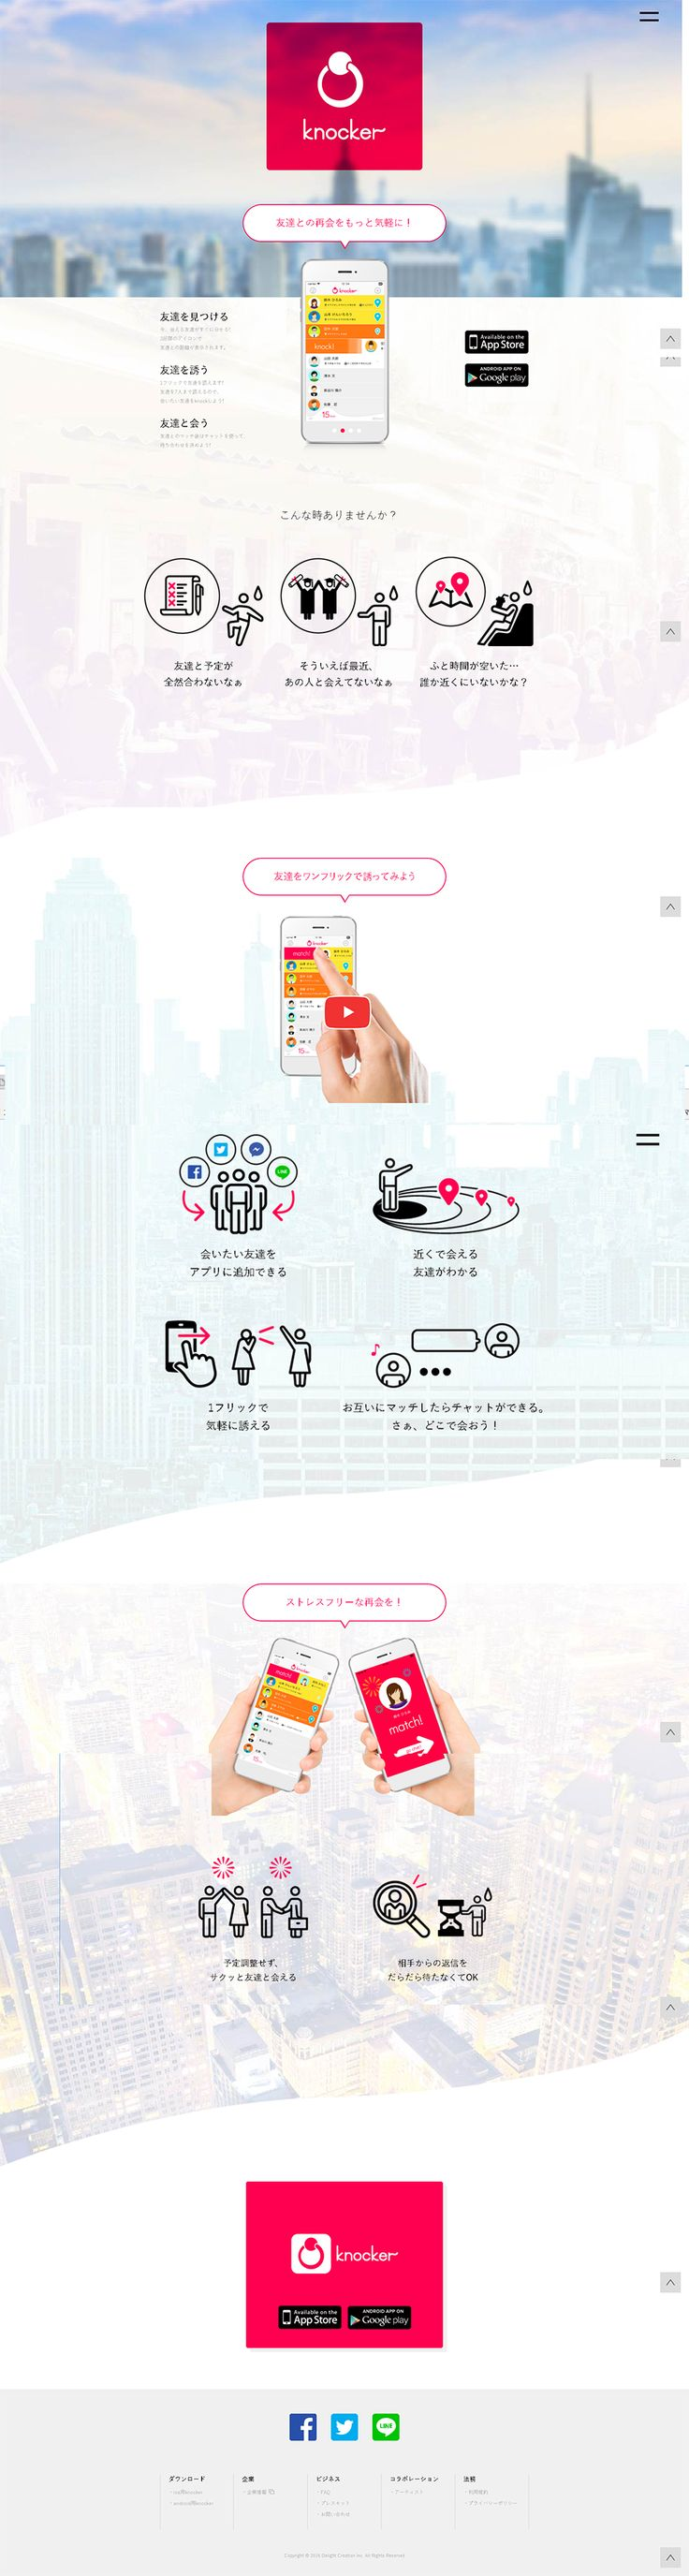 knocker ノッカー|WEBデザイナーさん必見!ランディングページのデザイン参考に(シンプル系)